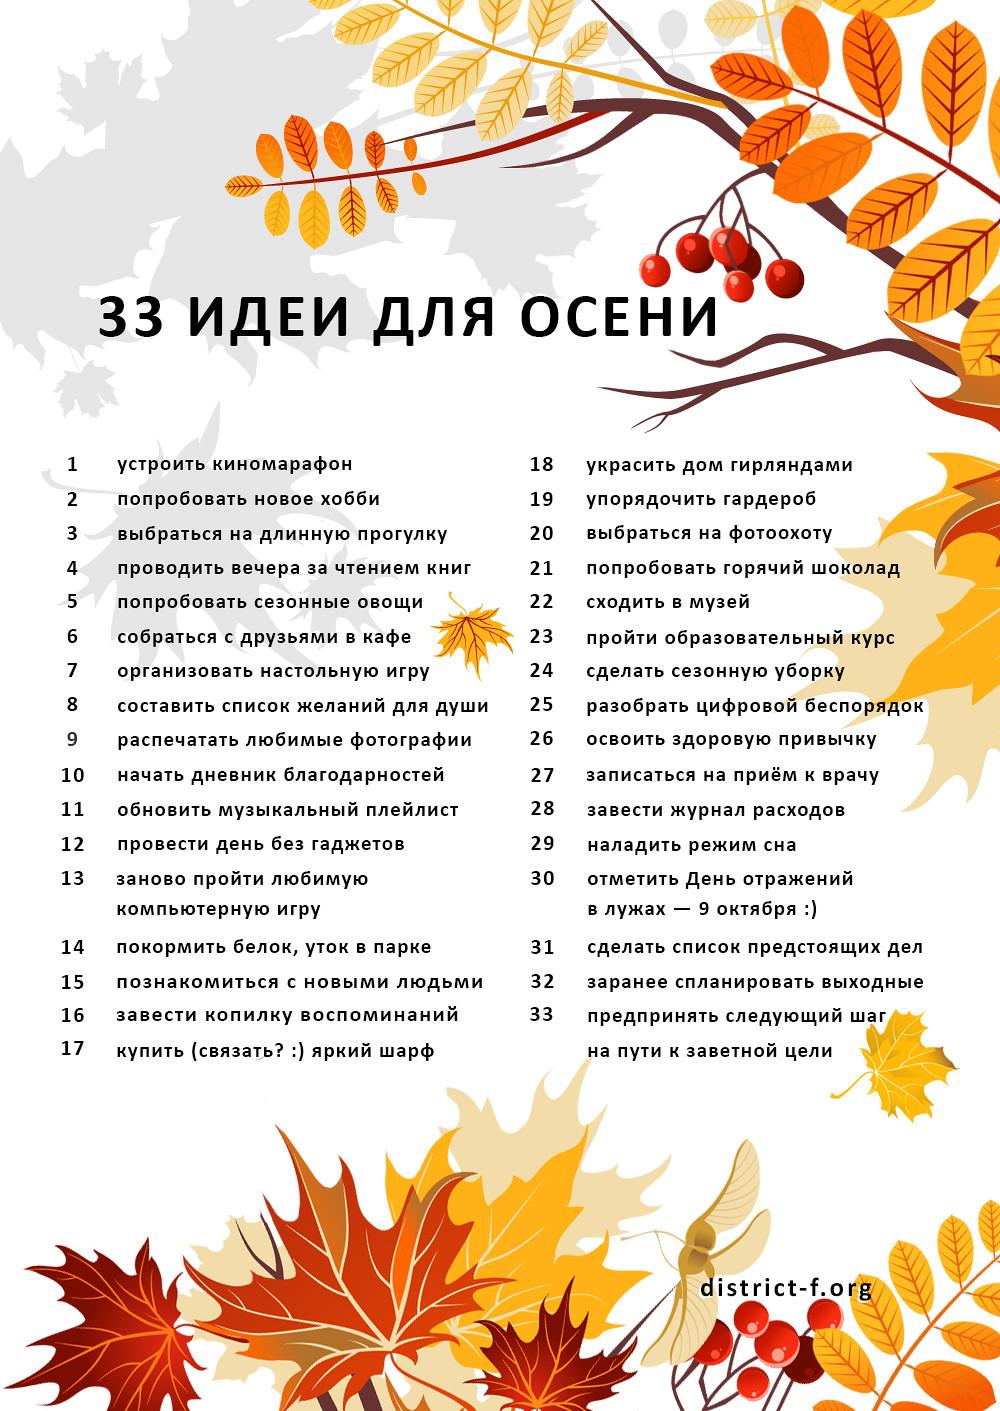 33 идеи для яркой осени чеклист df